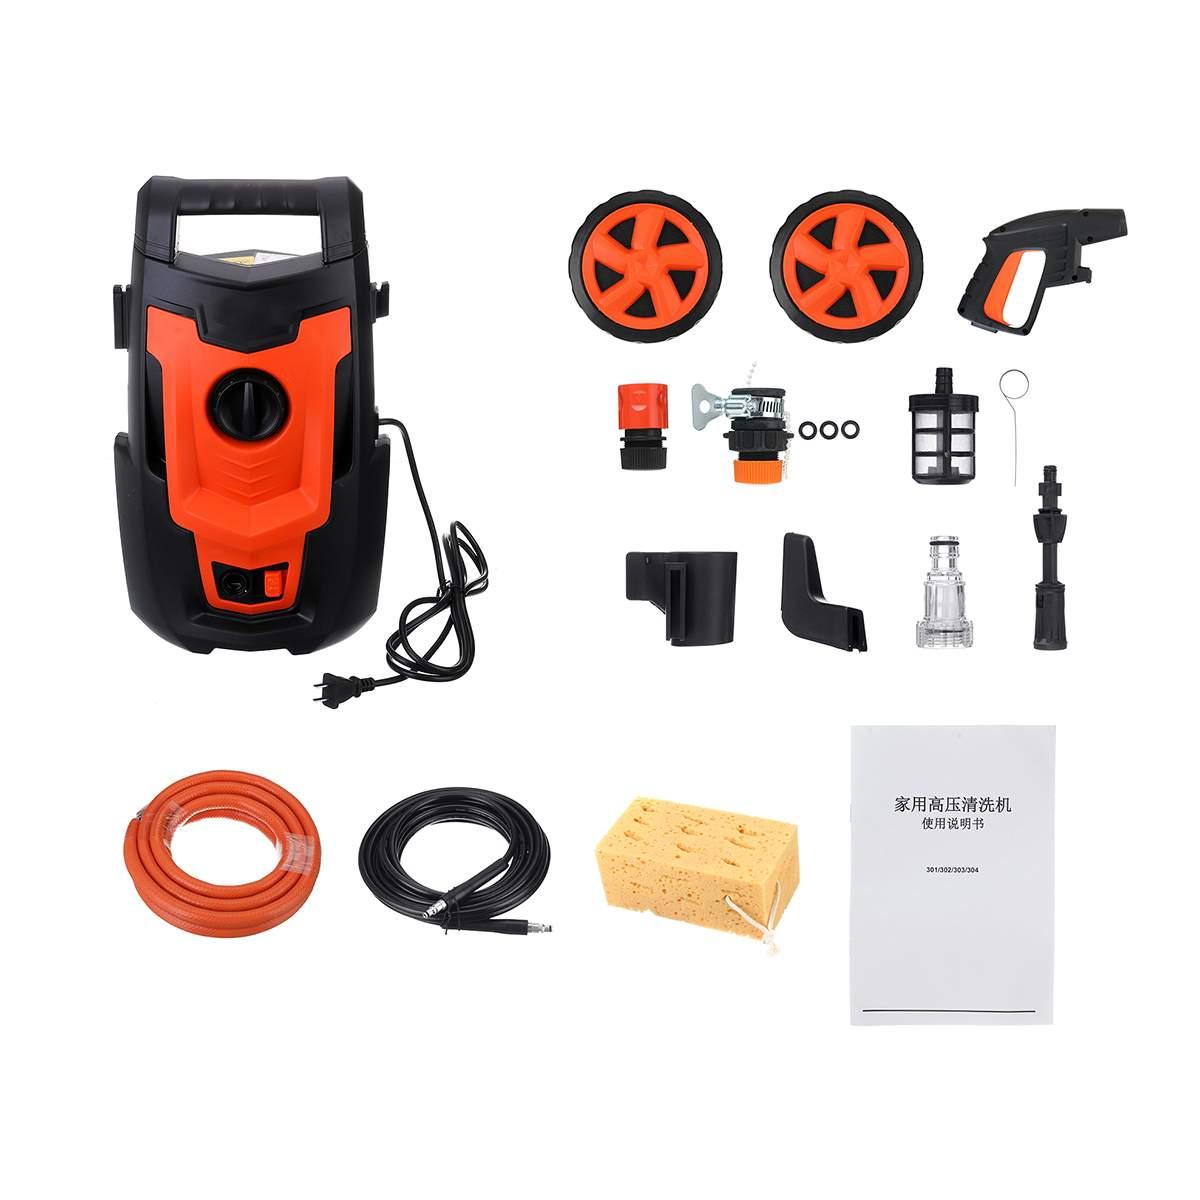 Auto Washer Guns Pumpe Waschen Gerät Auto Sprayer Hochdruck Reiniger Waschen Maschine Elektrische Reinigung Auto Gerät - 6